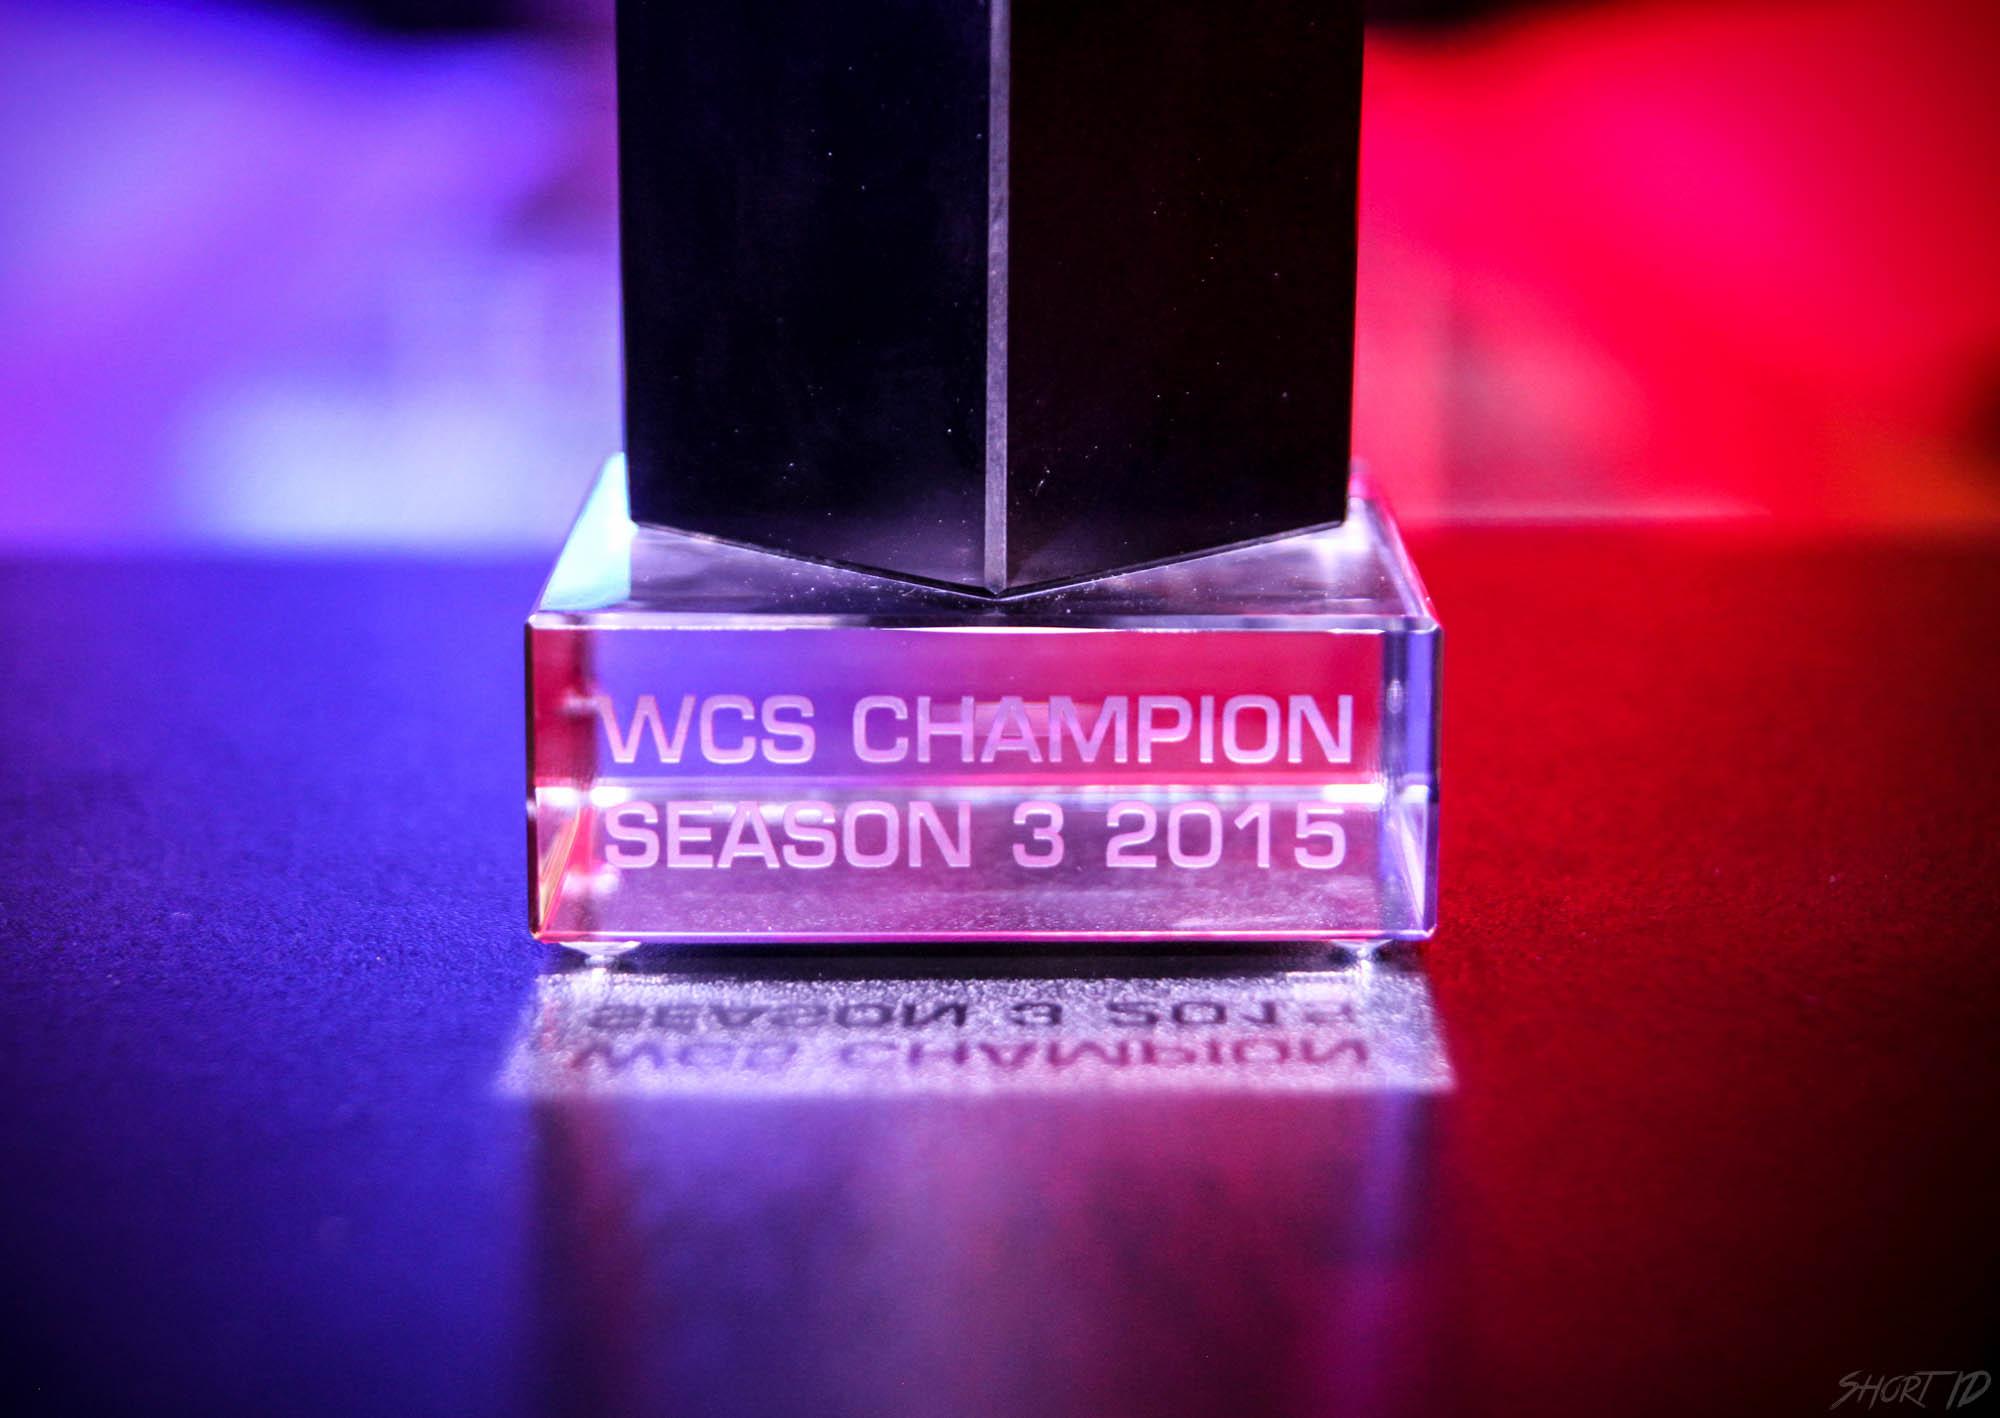 WCS Saison 3 - Trophee 3